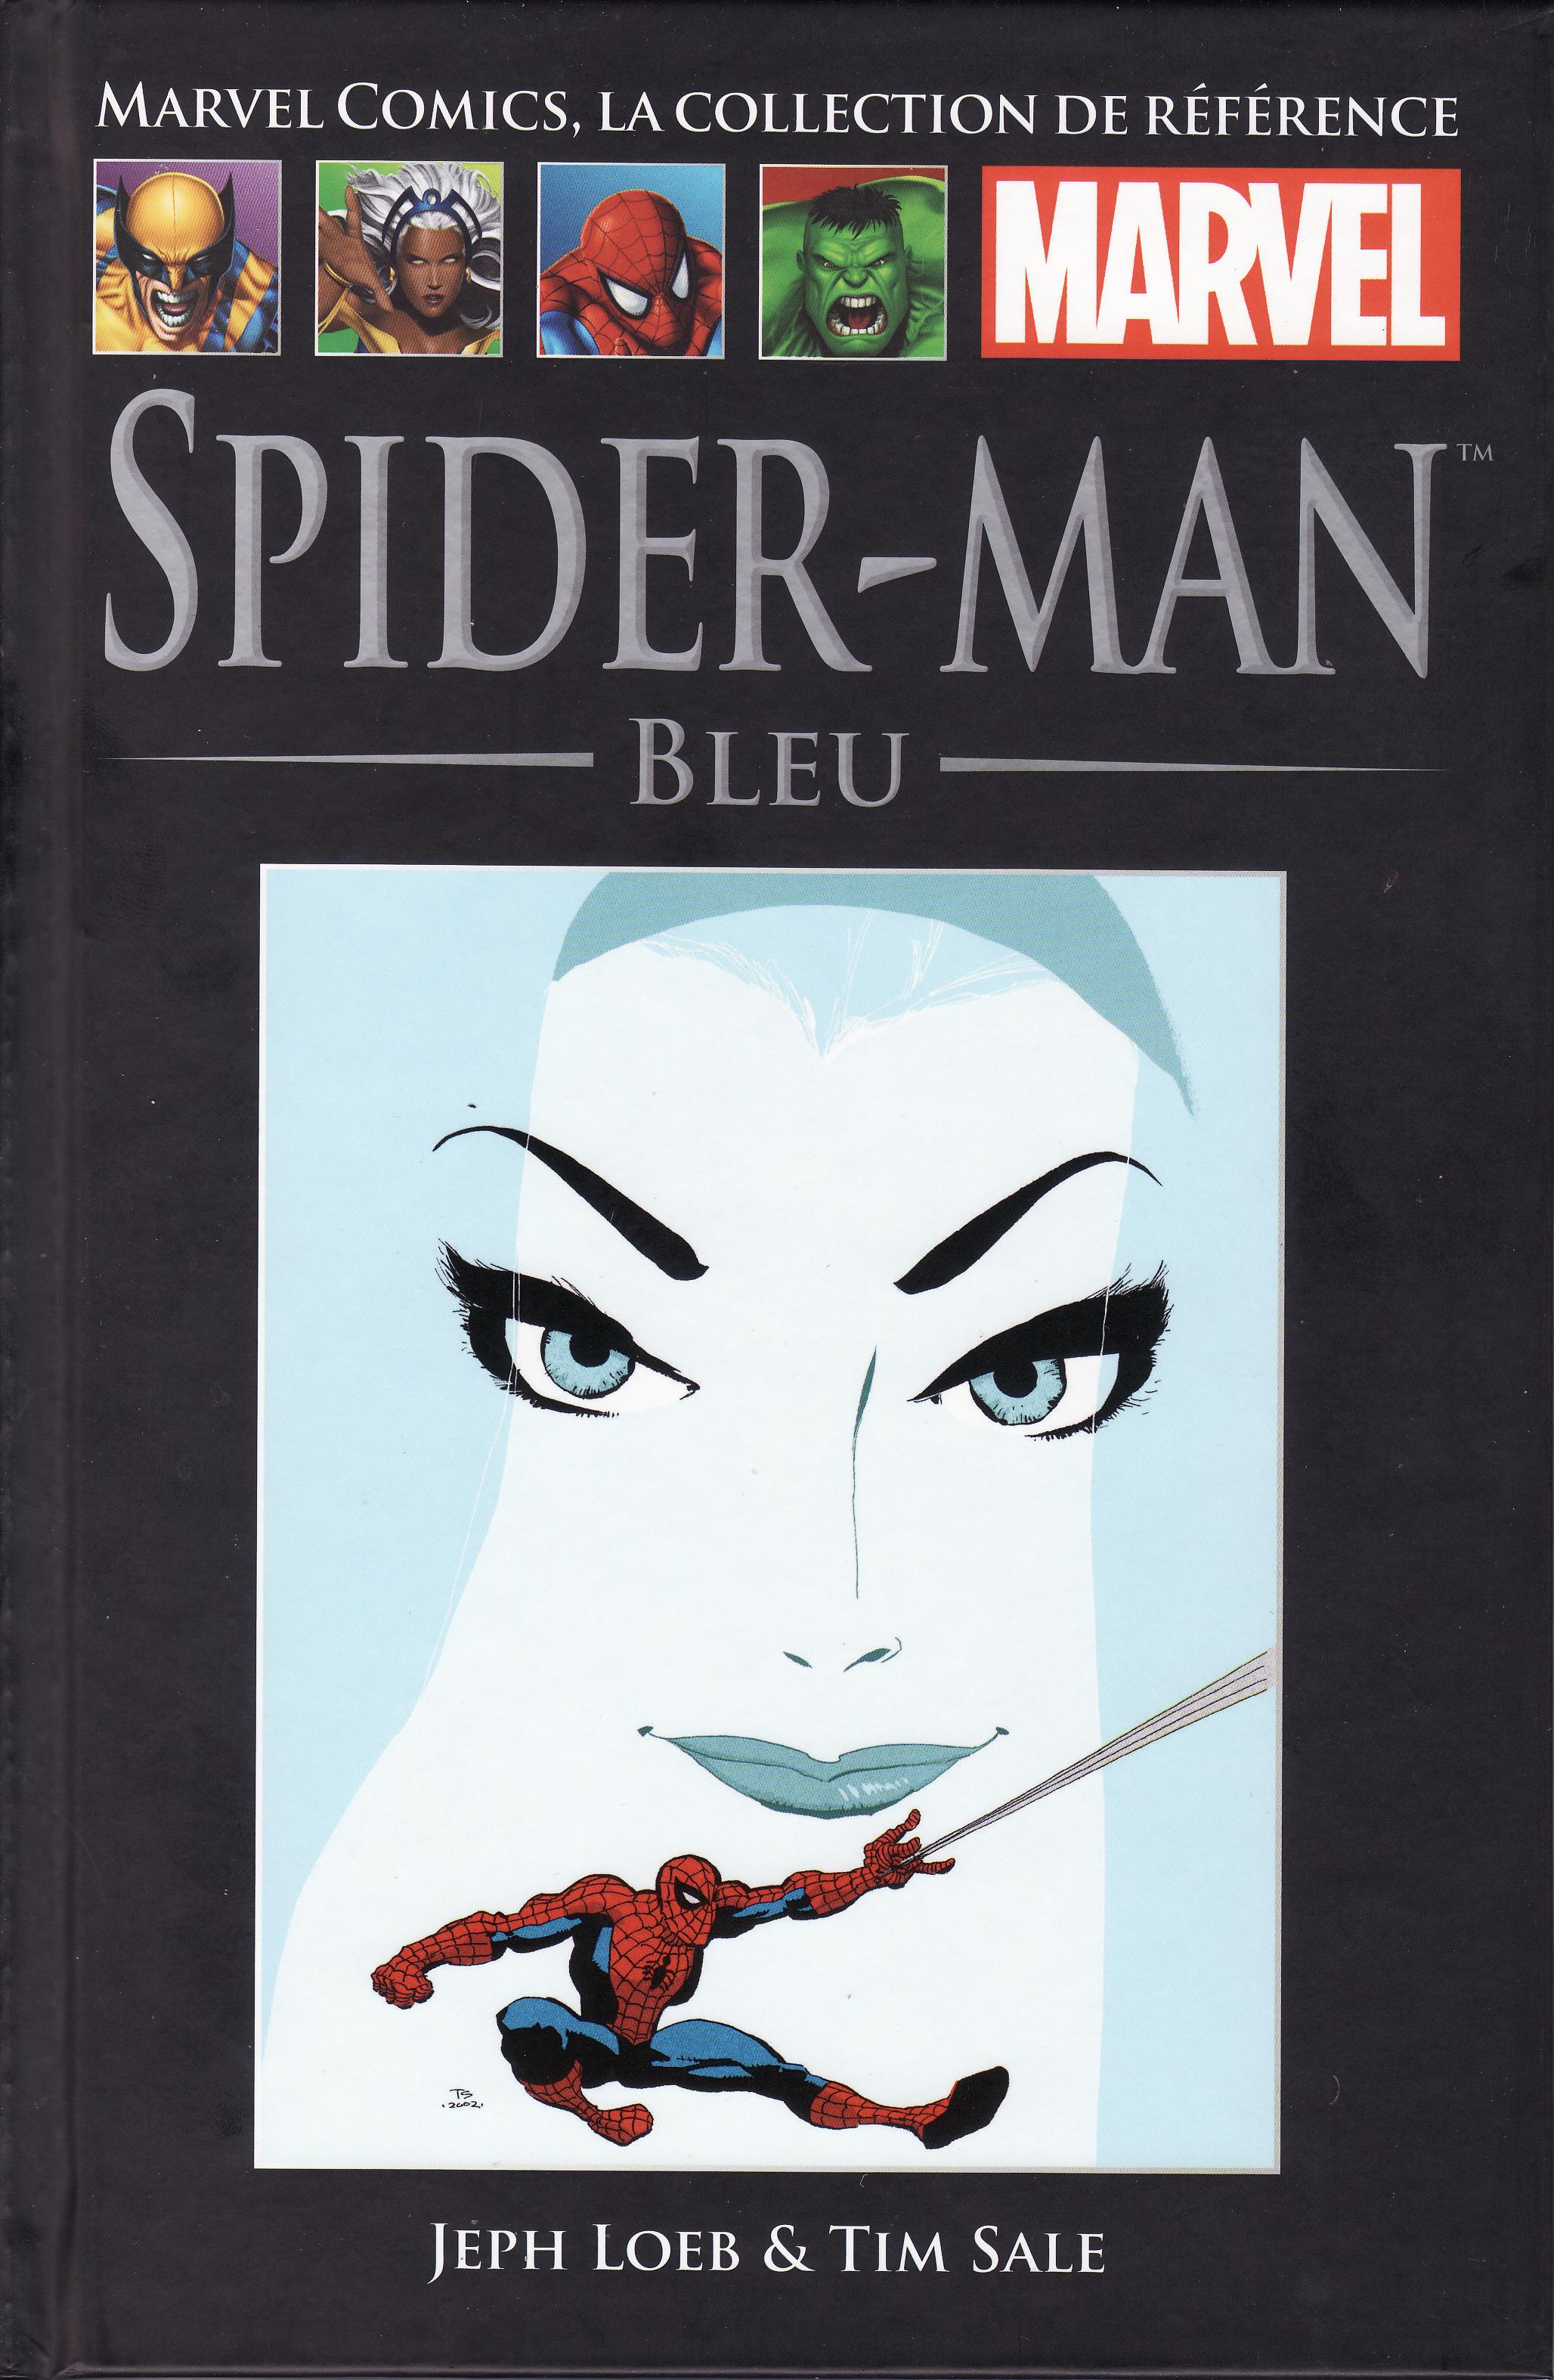 Marvel Comics, la Collection de Référence 28 - Spider-Man - Bleu